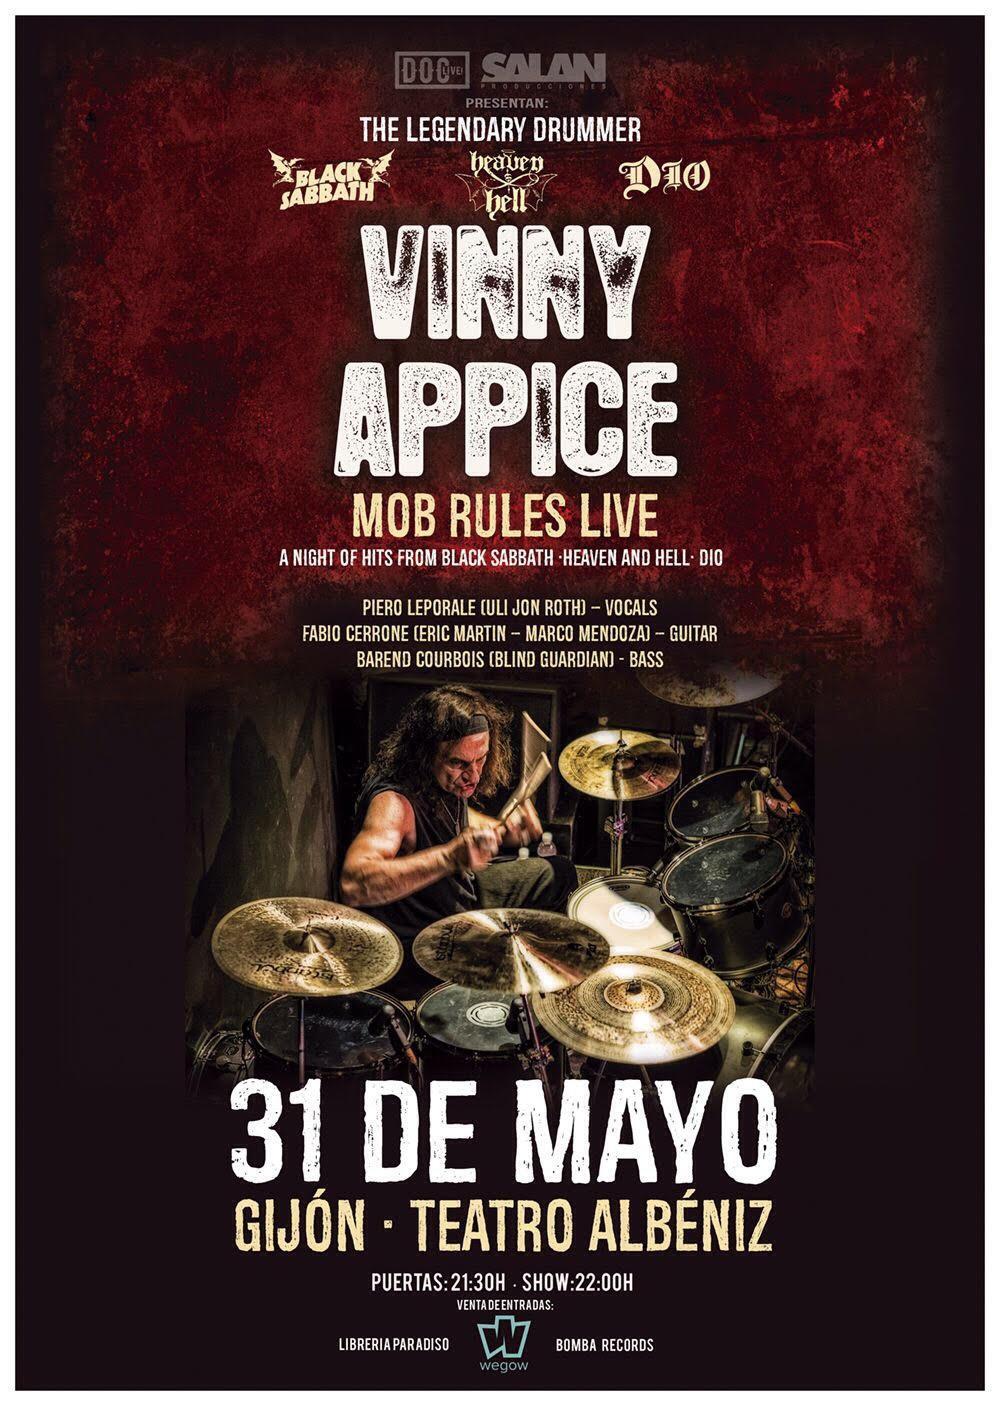 Concierto de Vinny Appice en Gijón. Comprar Entradas.